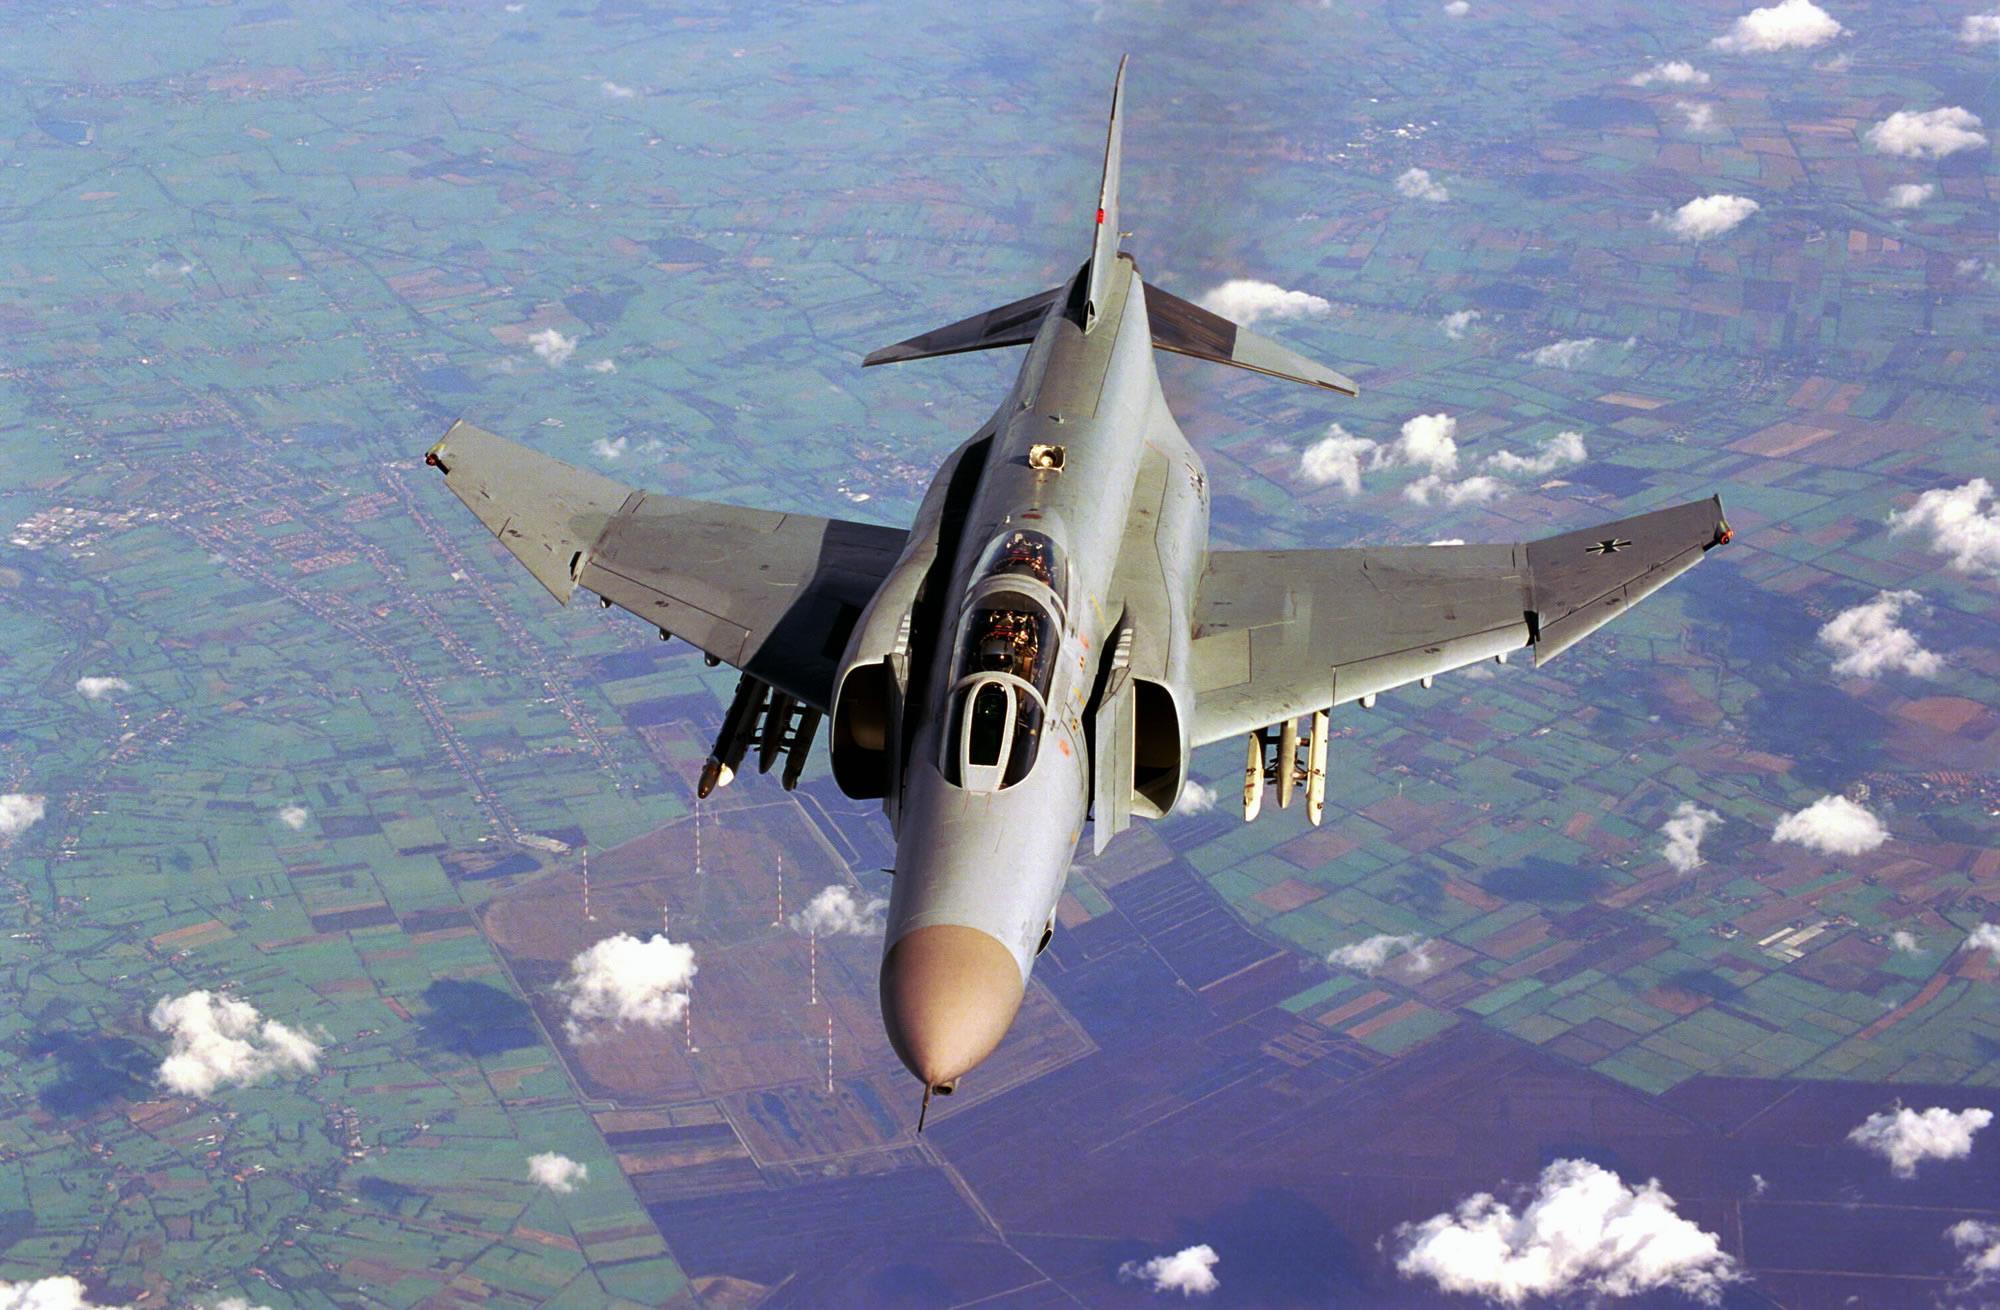 F4 Phantom F 4 Phantom Ii 1050489 Hd Wallpaper